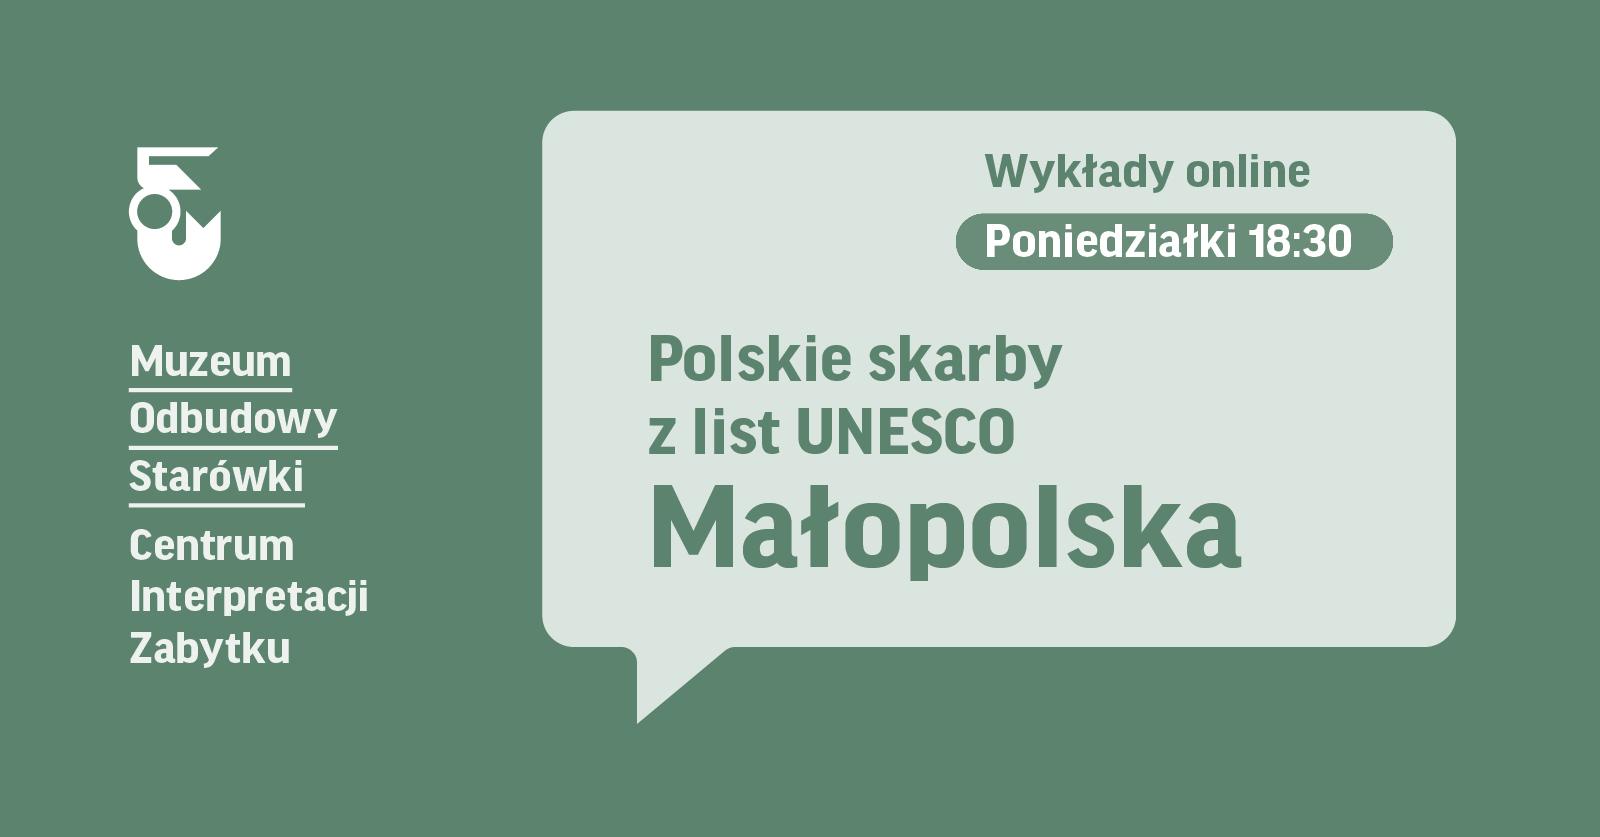 Grafika. Na zielonym tle napsi Polskie skarby z list UNESCO Małopolska.